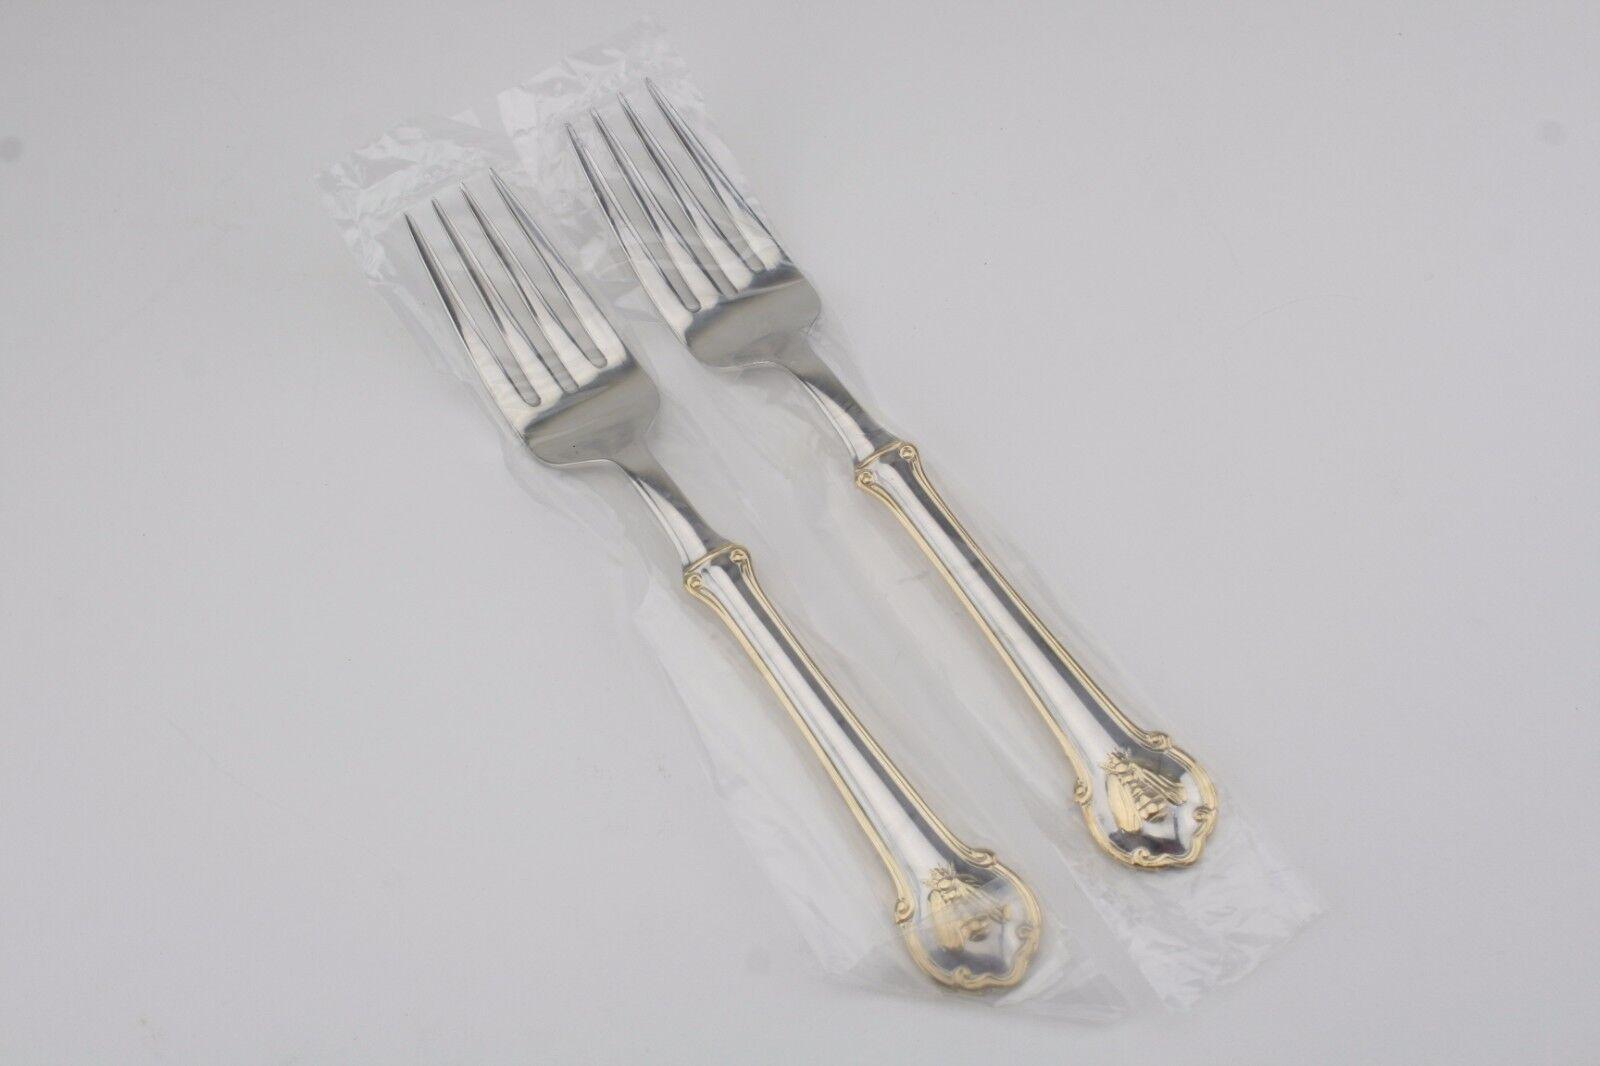 Set of 2 Salad Forks